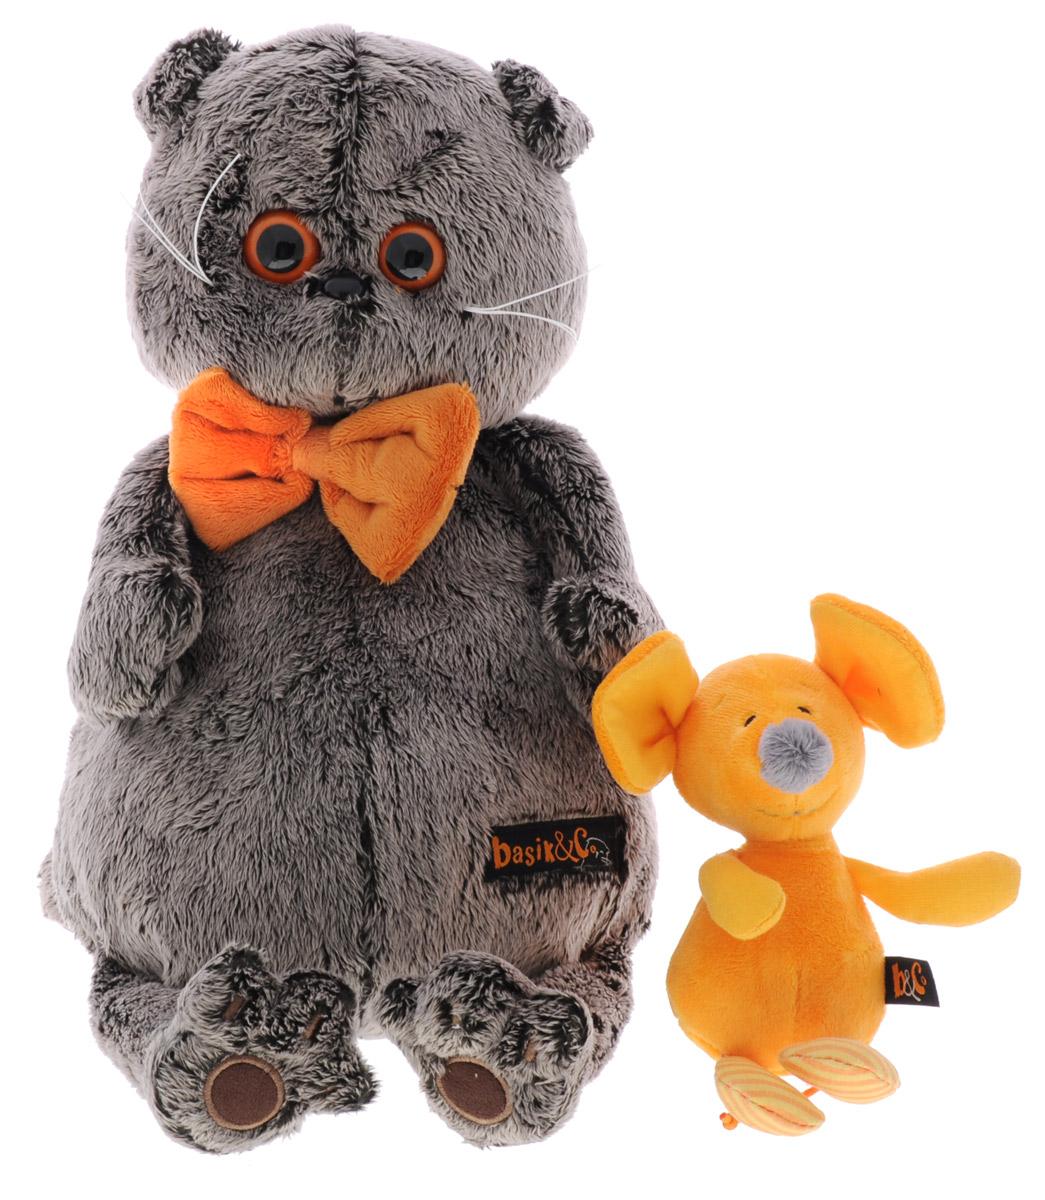 Мягкая игрушка Басик с мышкой Миленой 30 смKs30-052Мягкая игрушка Басик с мышкой Миленой подарит малышу немало прекрасных мгновений. Дети очень трепетно относятся к домашним животным, особенно они любят котов и собак и часто просят своих родителей приобрести им такого друга. Однако домашние питомцы не всегда хорошо влияют на детей - они могут поцарапать и даже вызвать аллергическую реакцию, поэтому приходят на помощь мягкие игрушки, очень похожие на настоящих питомцев. С этим шотландским вислоухим котиком можно играть, отдыхать и засыпать в обнимку, рассказывая свои секреты. У него плюшевая шерстка, которую так приятно гладить. У Басика круглые медовые глазки, маленькие ушки и черный носик. На Басике надета оранжевая бабочка на резинке. В комплекте с Басиком идет его подружка - оранжевая мышка Милена. Мягкие игрушки очень полезны для малышей, потому что весьма позитивно влияют на детскую нервную систему, прогоняя всевозможные страхи. Играя, малыш развивает фантазию и воображение, развивает...